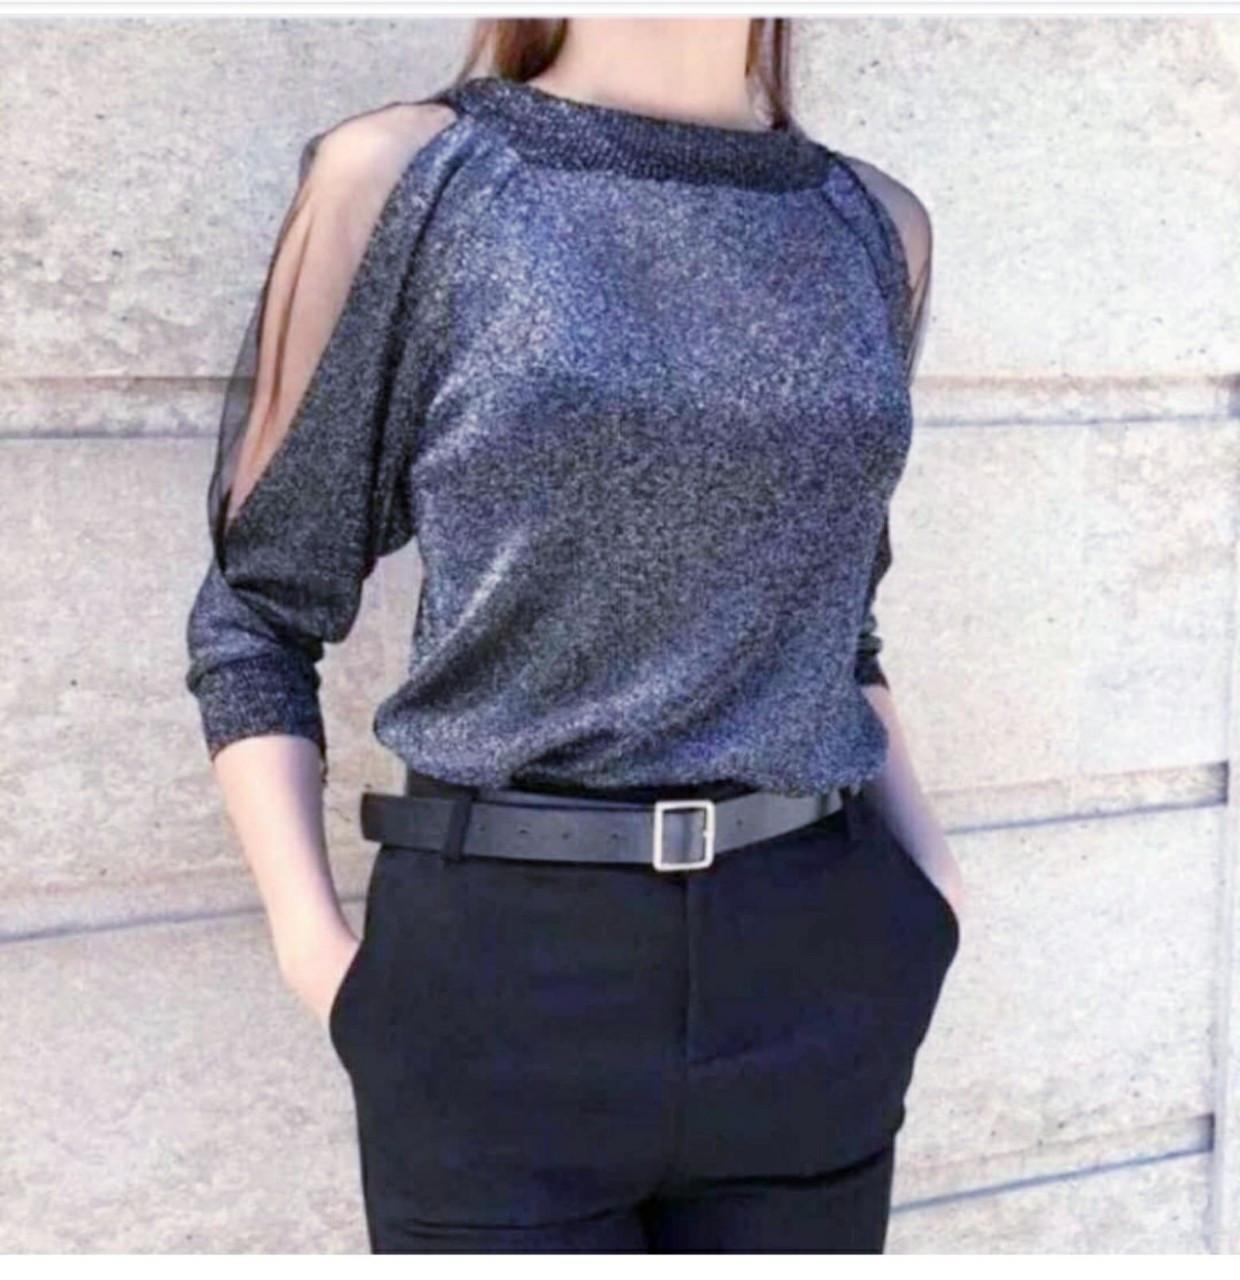 Нежный пуловер с люрексом и сеточкой 42-44 (в расцветках)